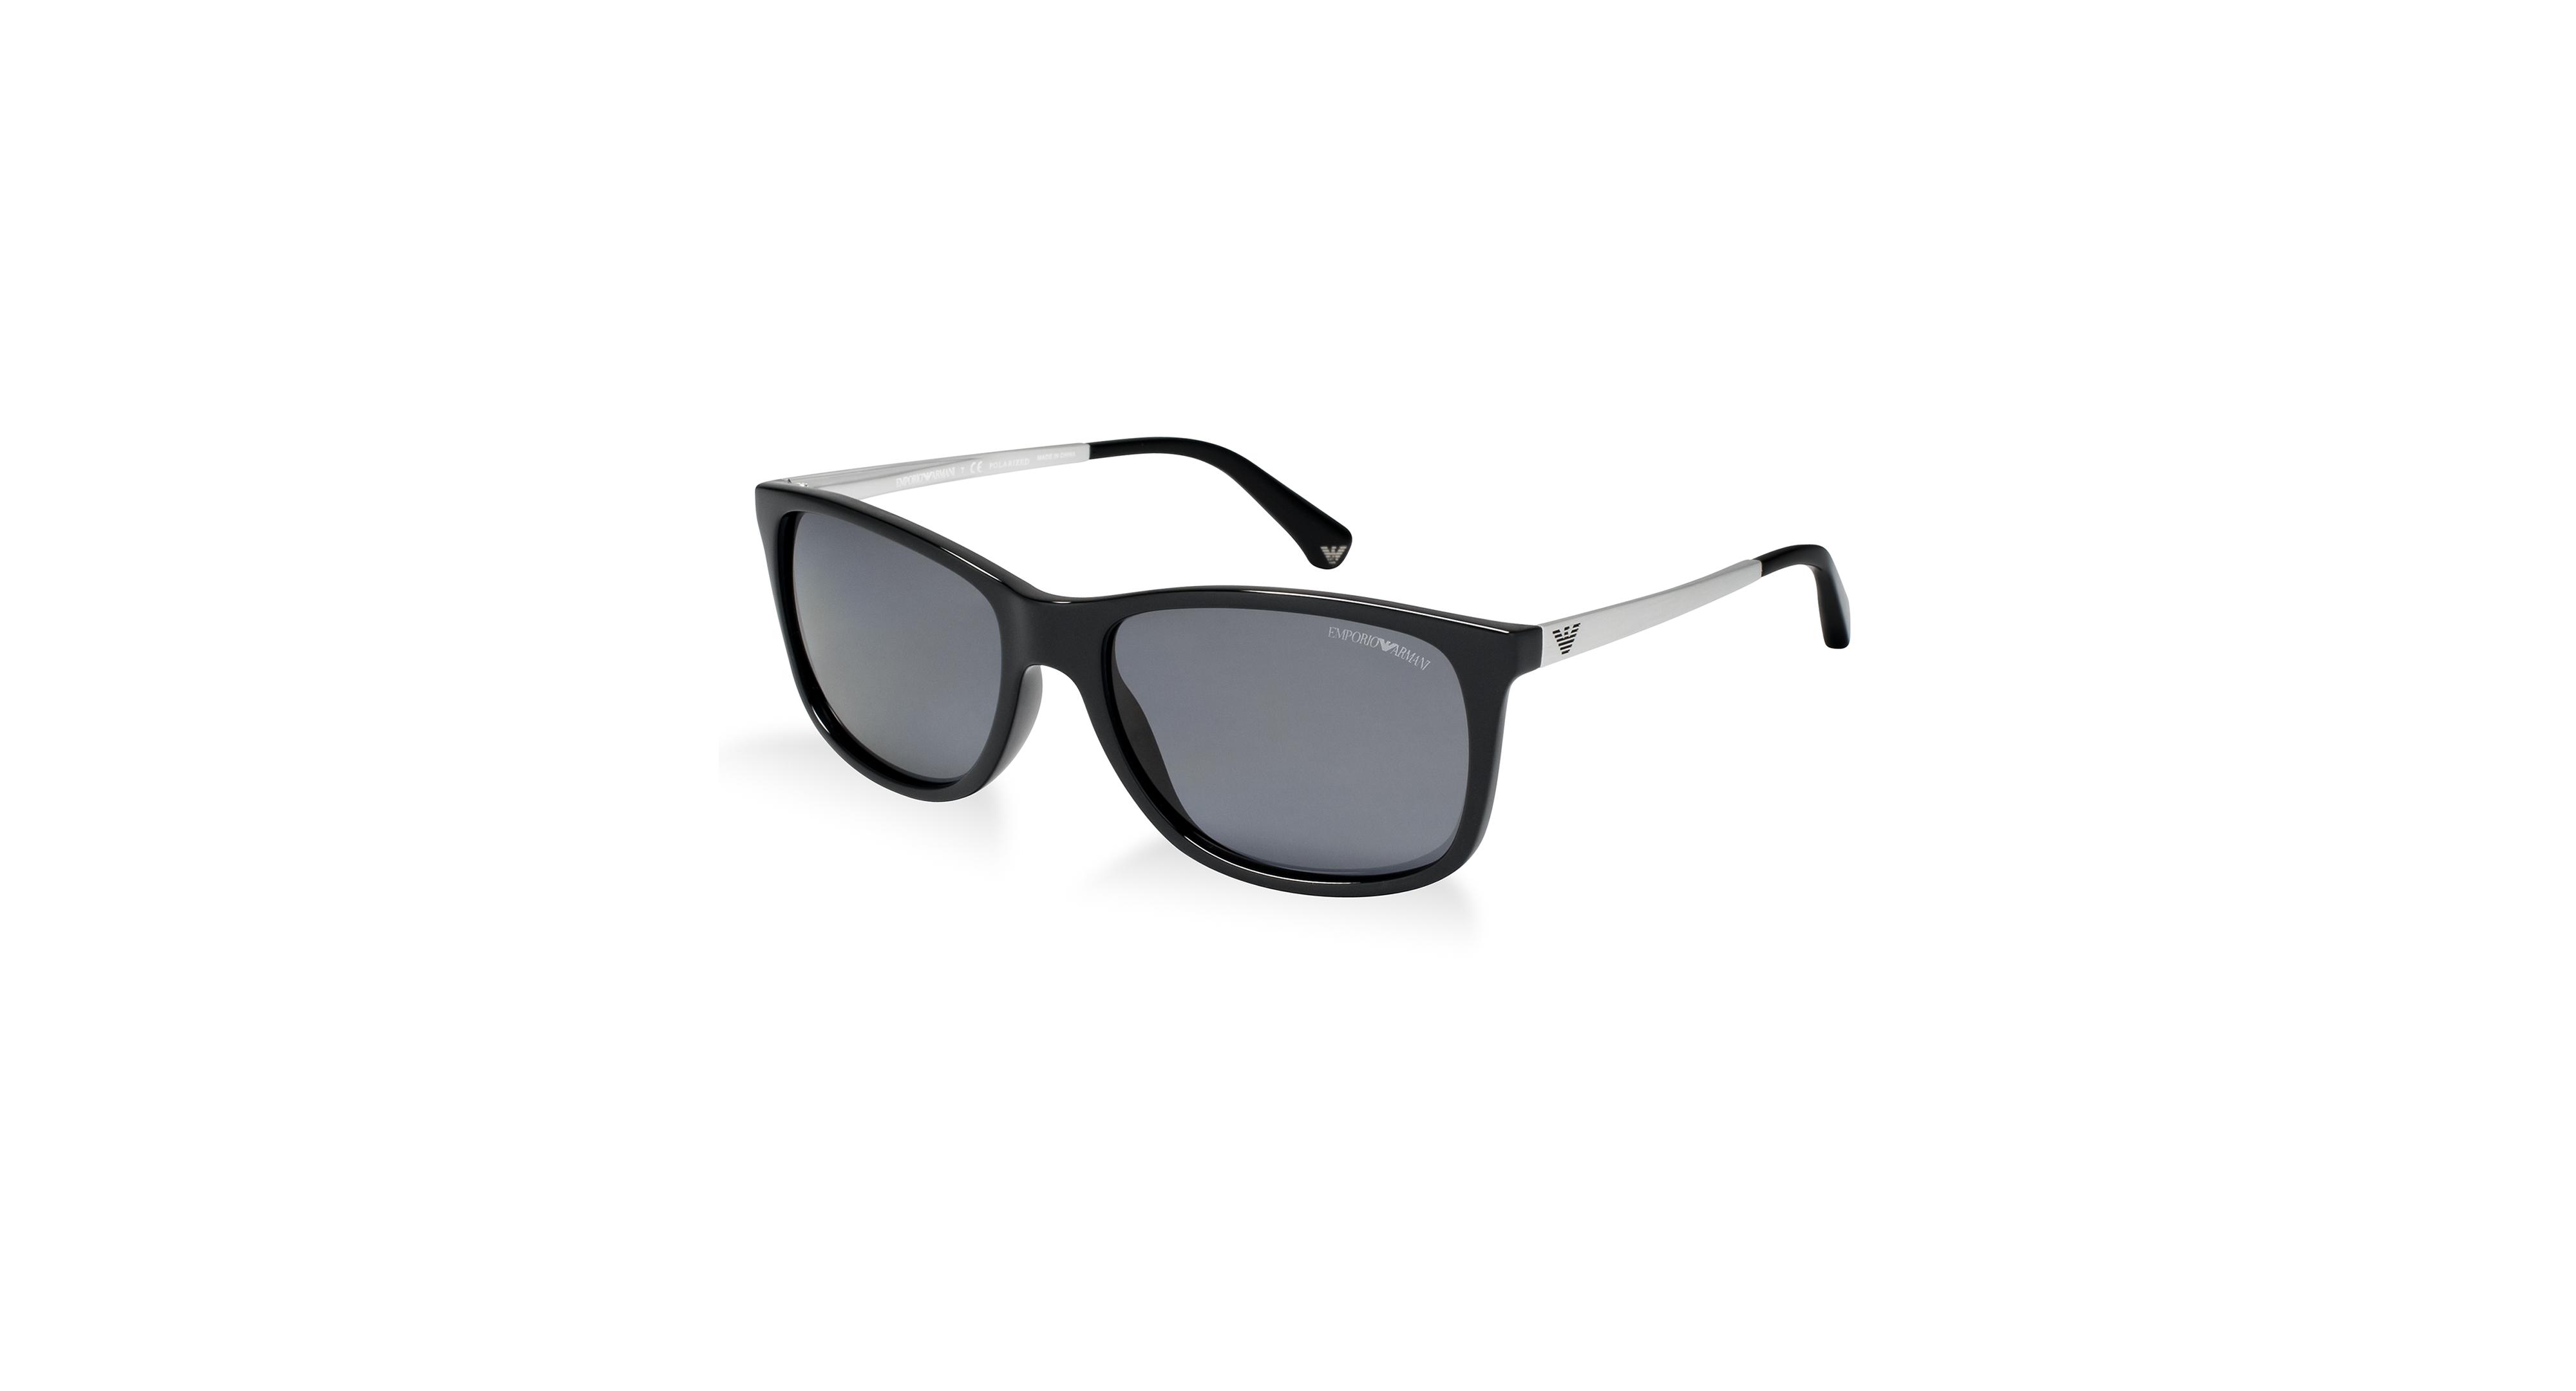 d6193ecc1f8 Emporio Armani Sunglasses